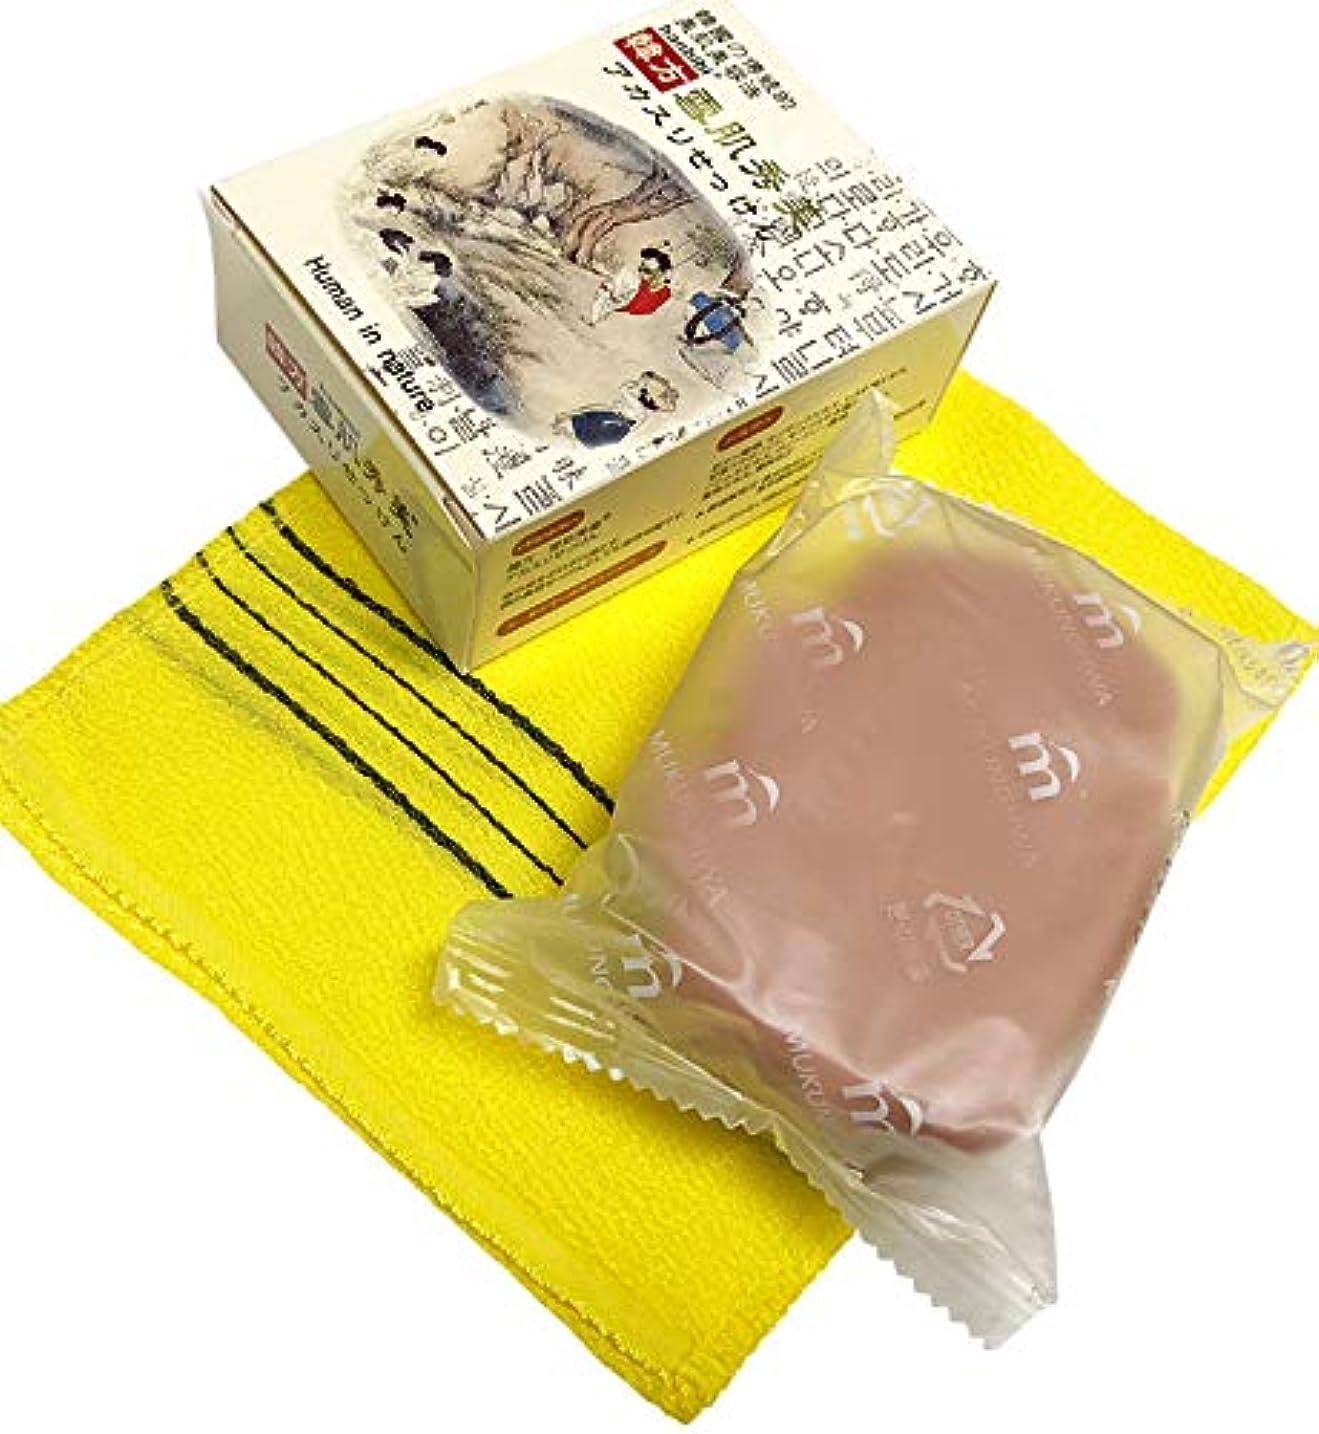 皿がっかりしたゴム人気の顔、体兼用、蜂蜜香りの韓方石ケン、韓国コスメ 韓方[雪肌美]蜂蜜アカスリせっけん アカスリ専用タオル付き